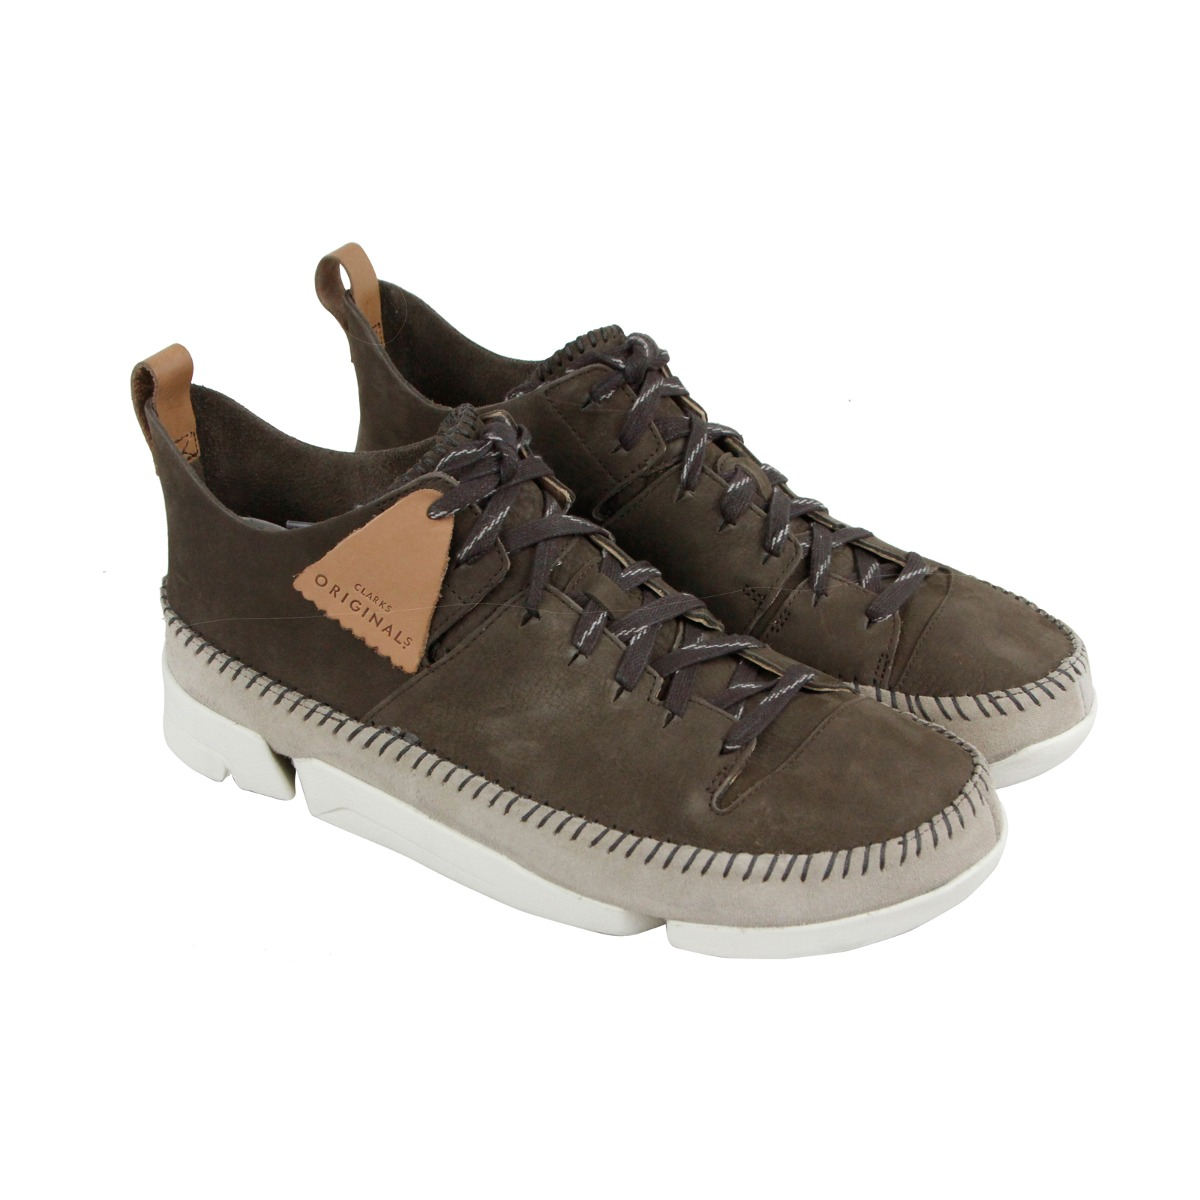 Zapatos Flexible 508 94 Mercado En Trigenic 2 Clarks Libre rA4nwfrTxq